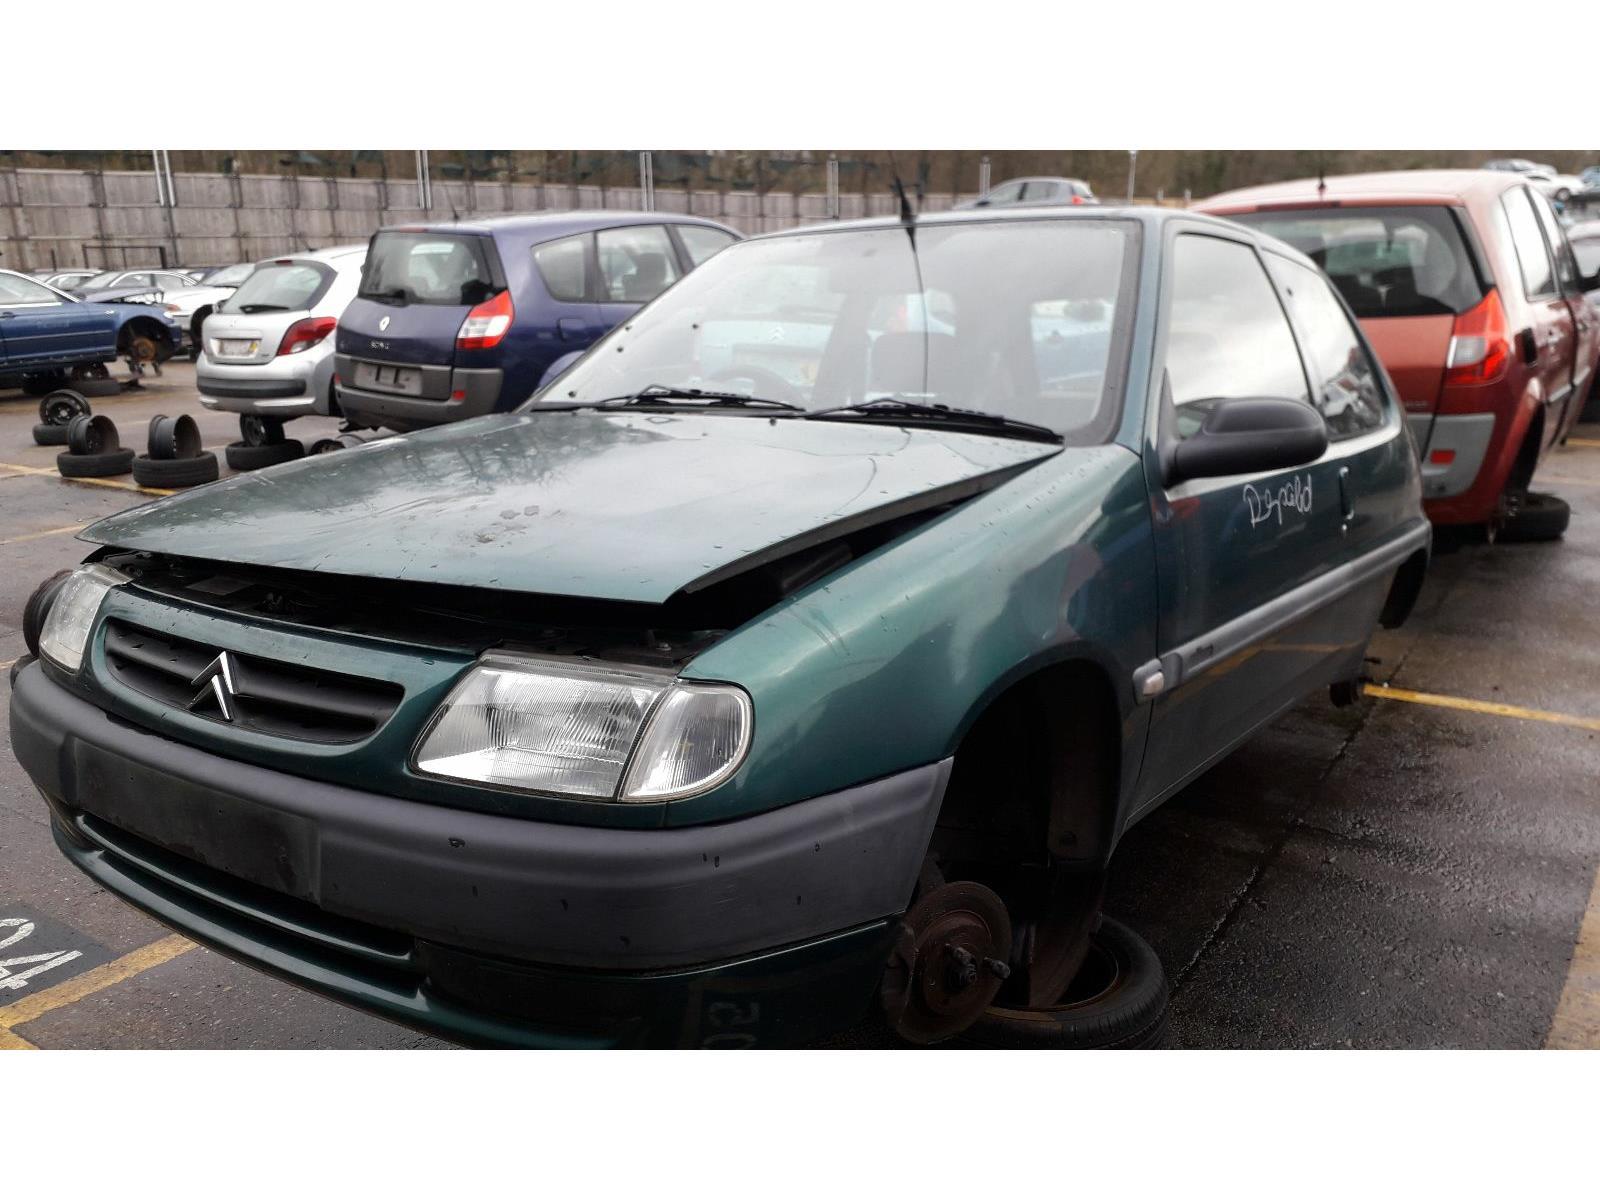 Citroen Saxo 1996 To 1999 East Coast 3 Door Hatchback